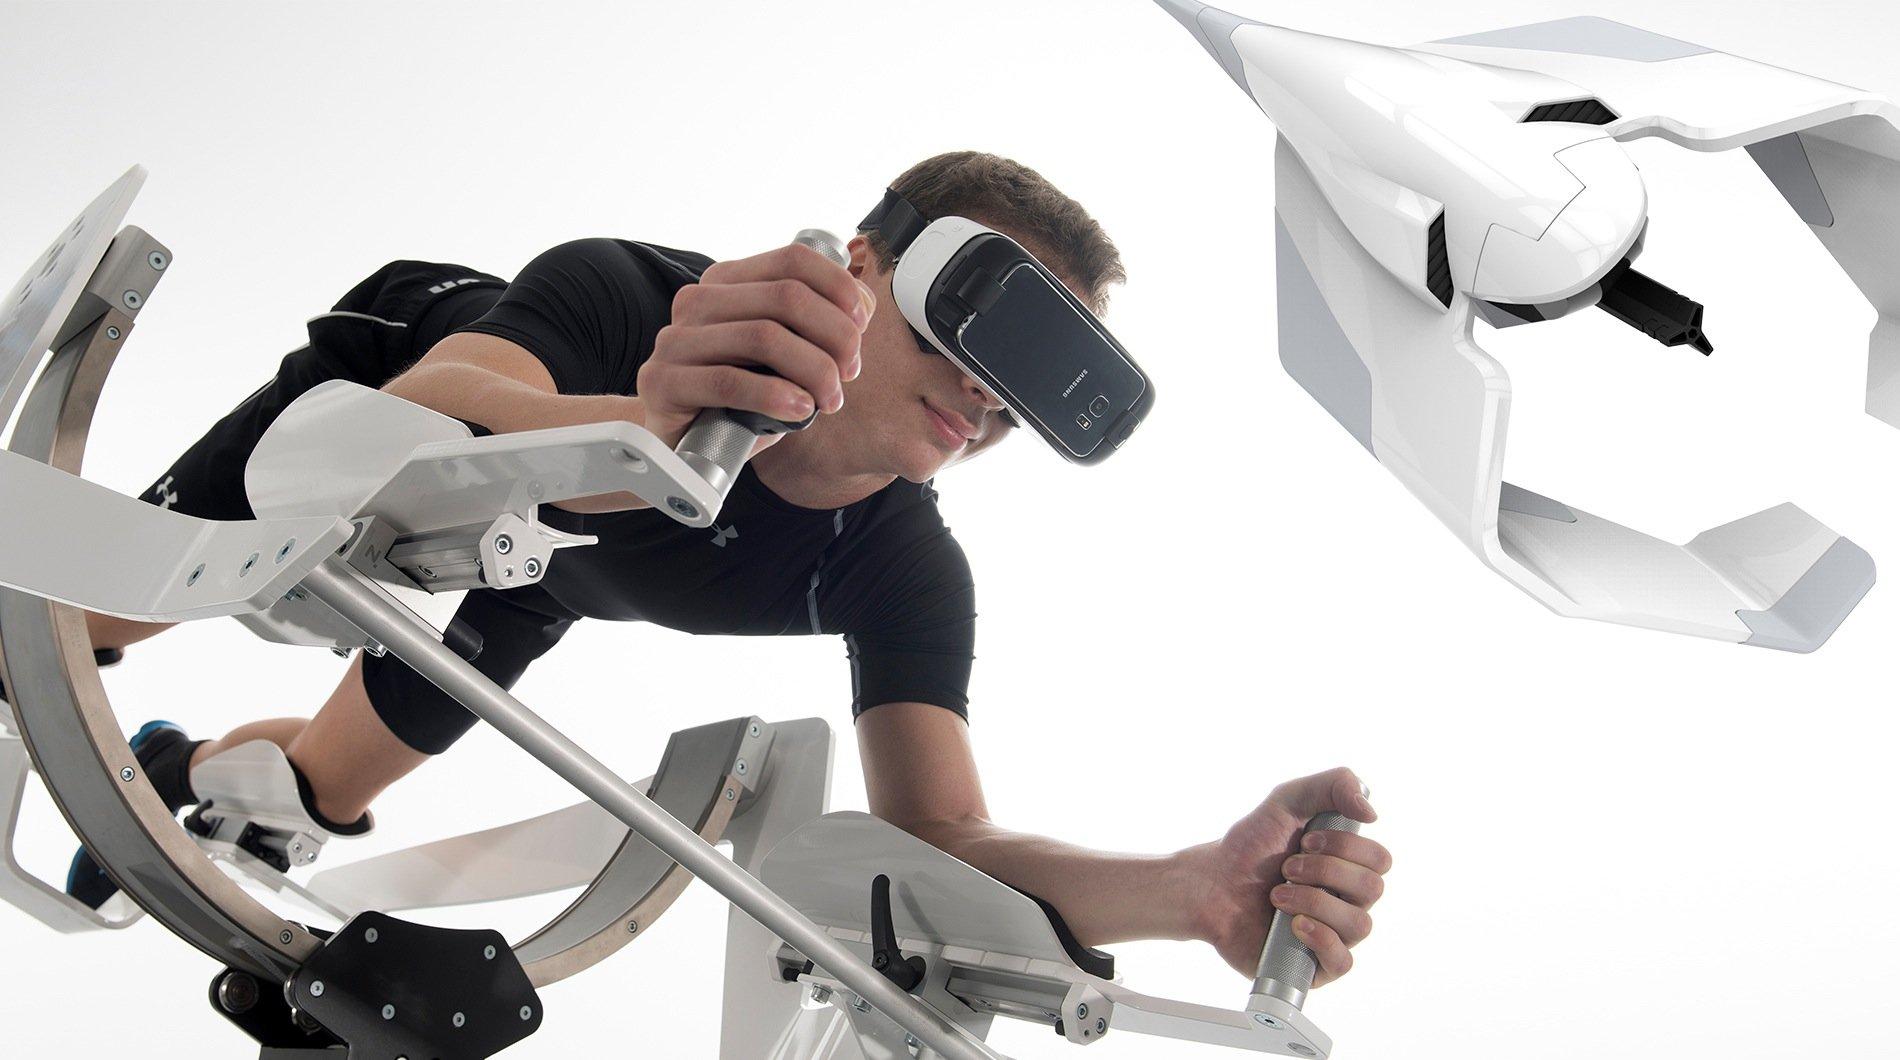 Das FitnessgerätIcaros ermöglicht dank VR-Brille ganz neue Trainingsmöglichkeiten – bis hin zum Fliegen. Aber der Muskelkater soll echt sein.